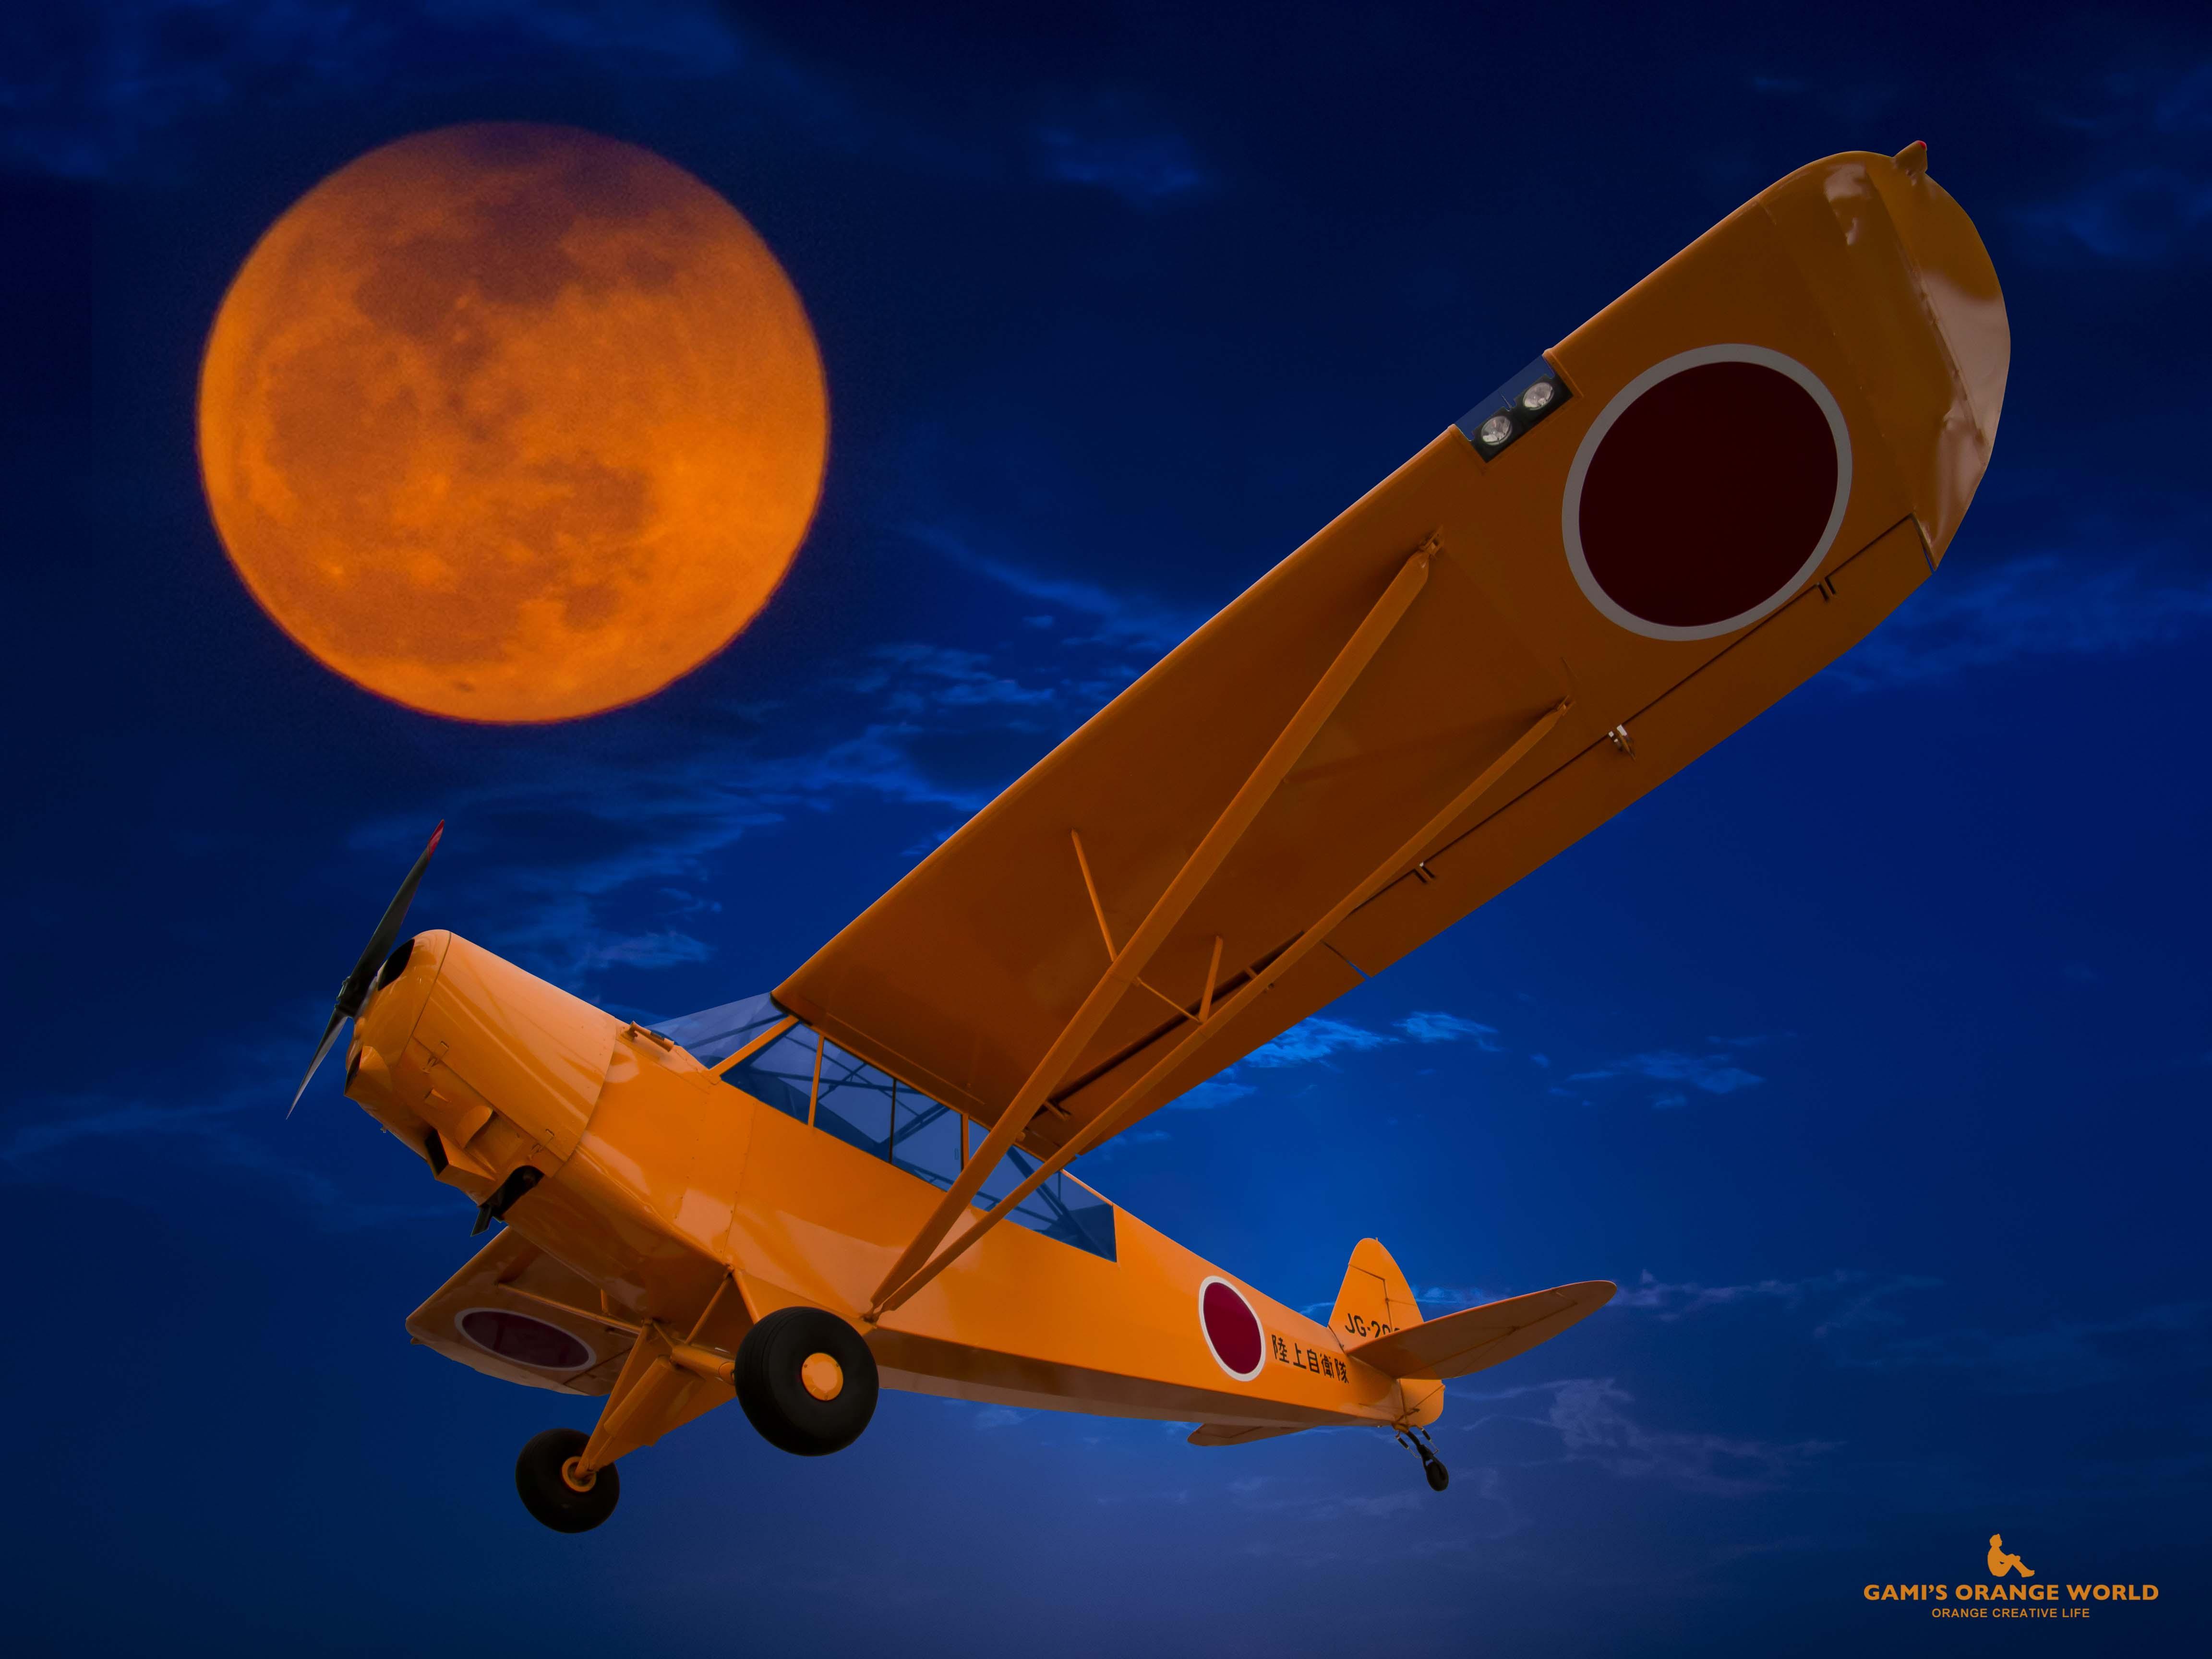 オレンジの月と日の丸飛行機